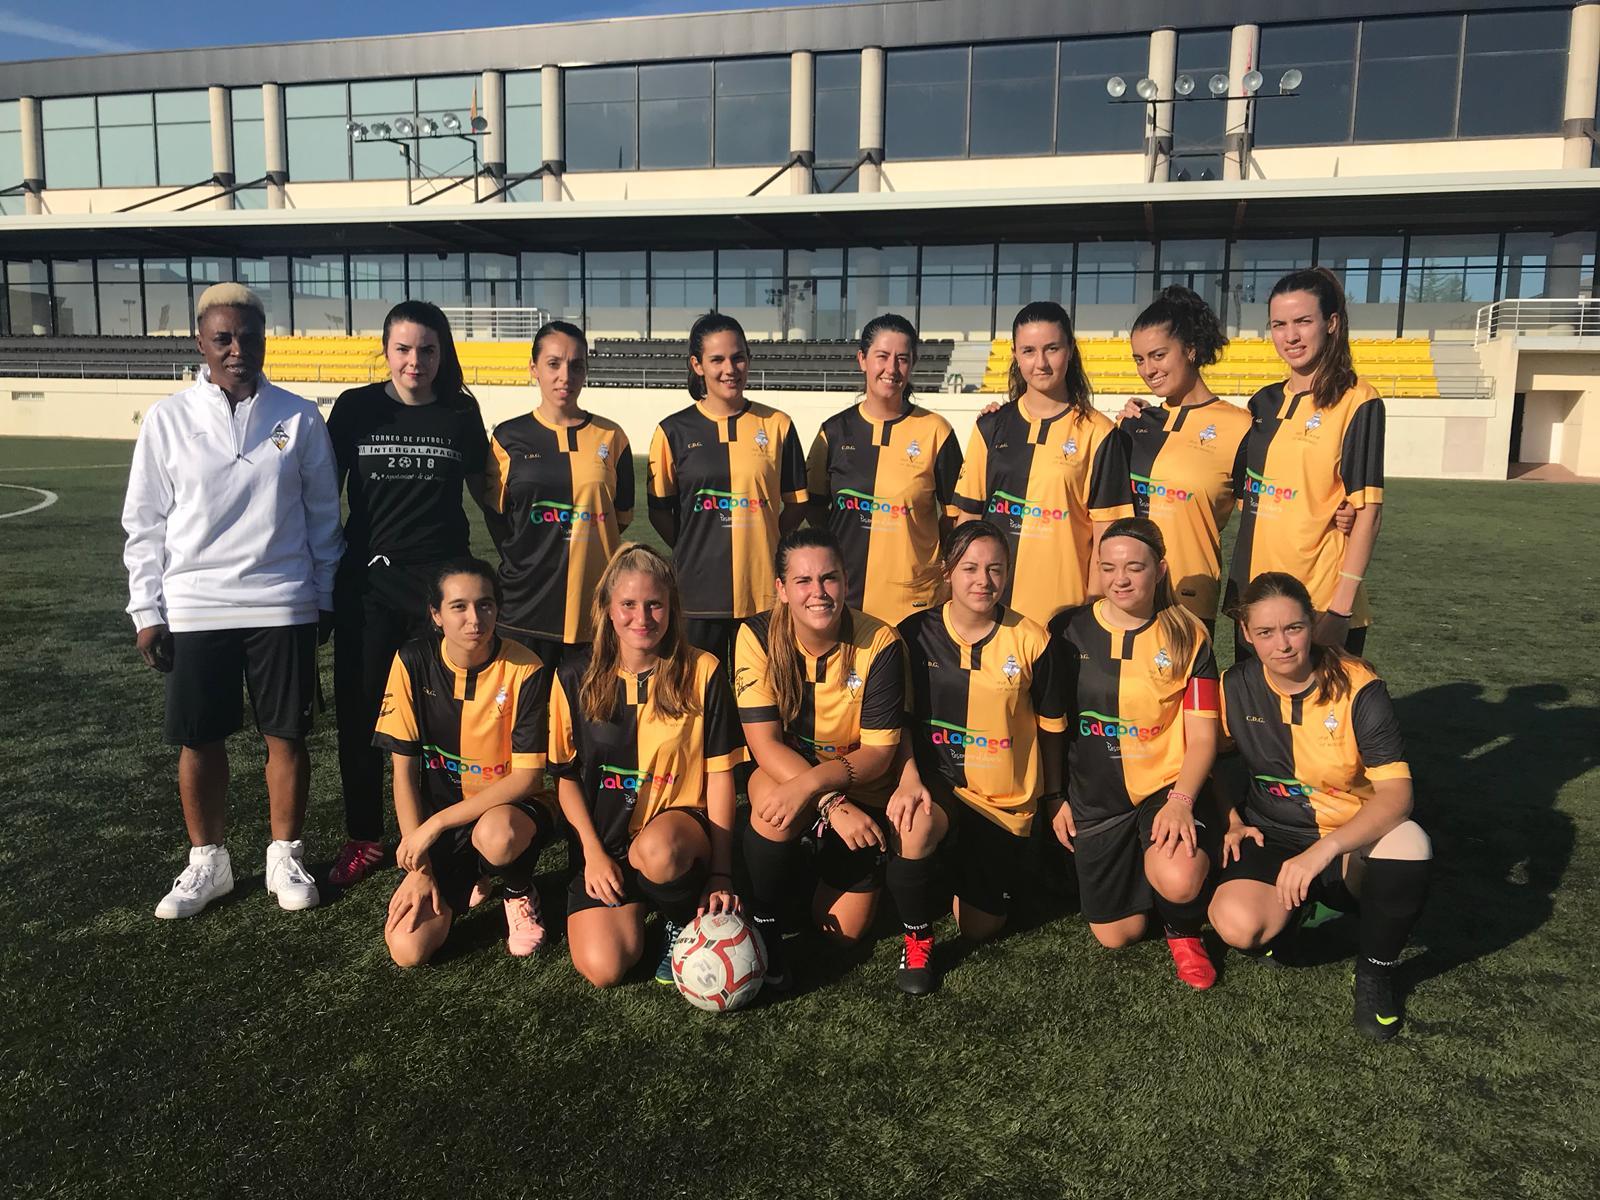 Foto de equipo femenino aficionado